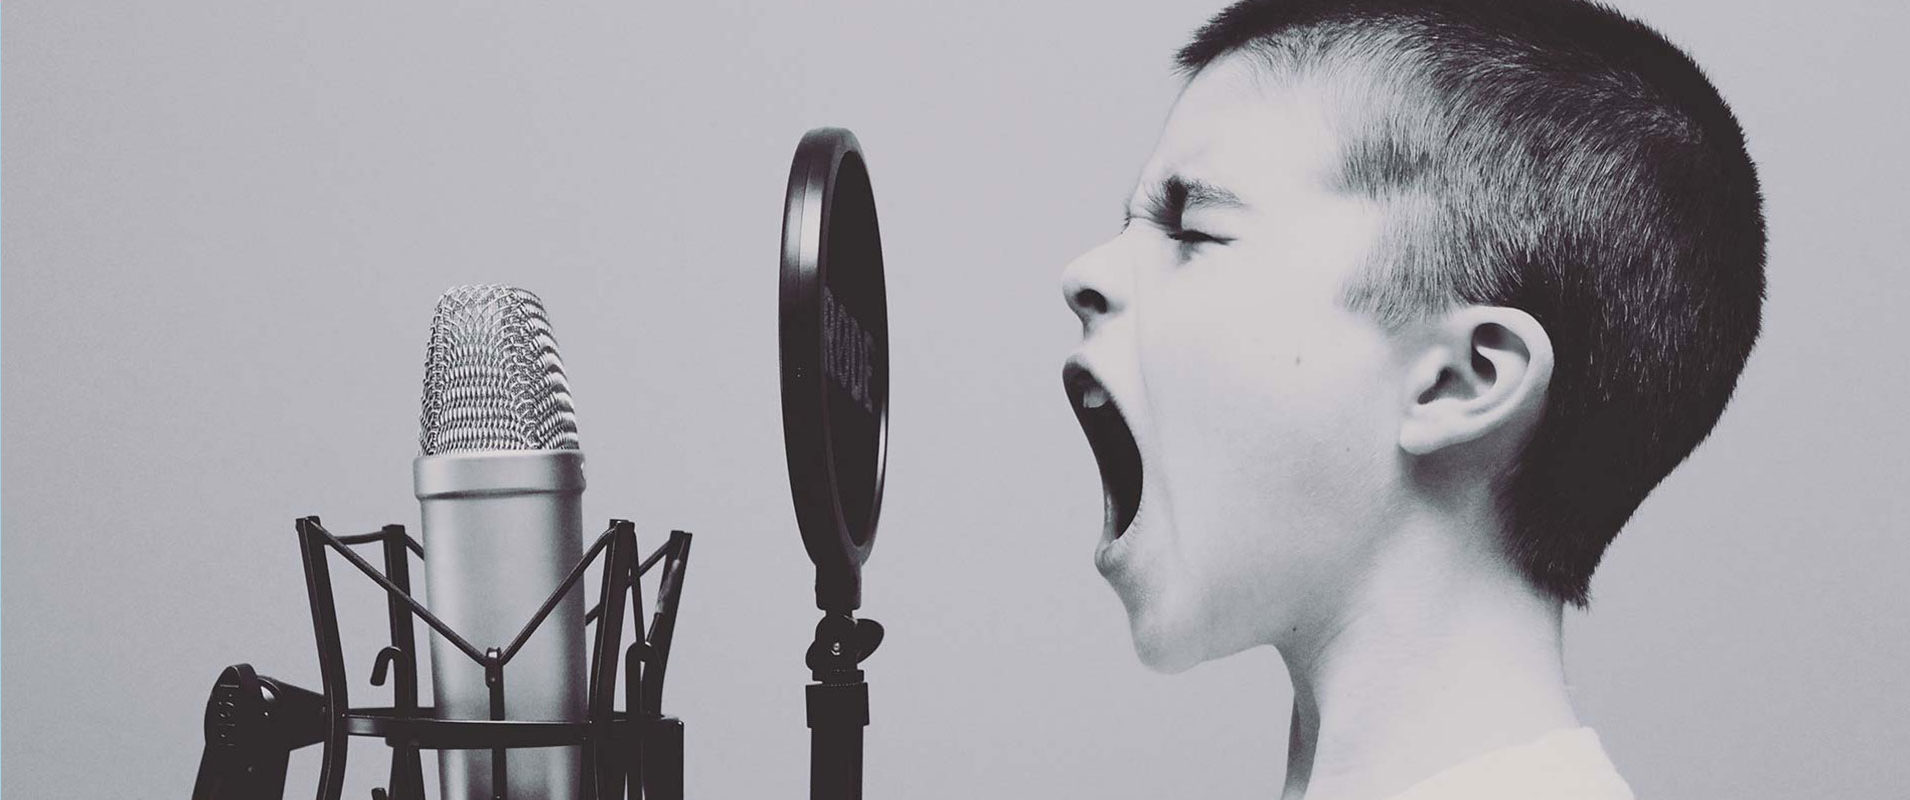 choisir un narrateur avec la bonne voix pour sa marque